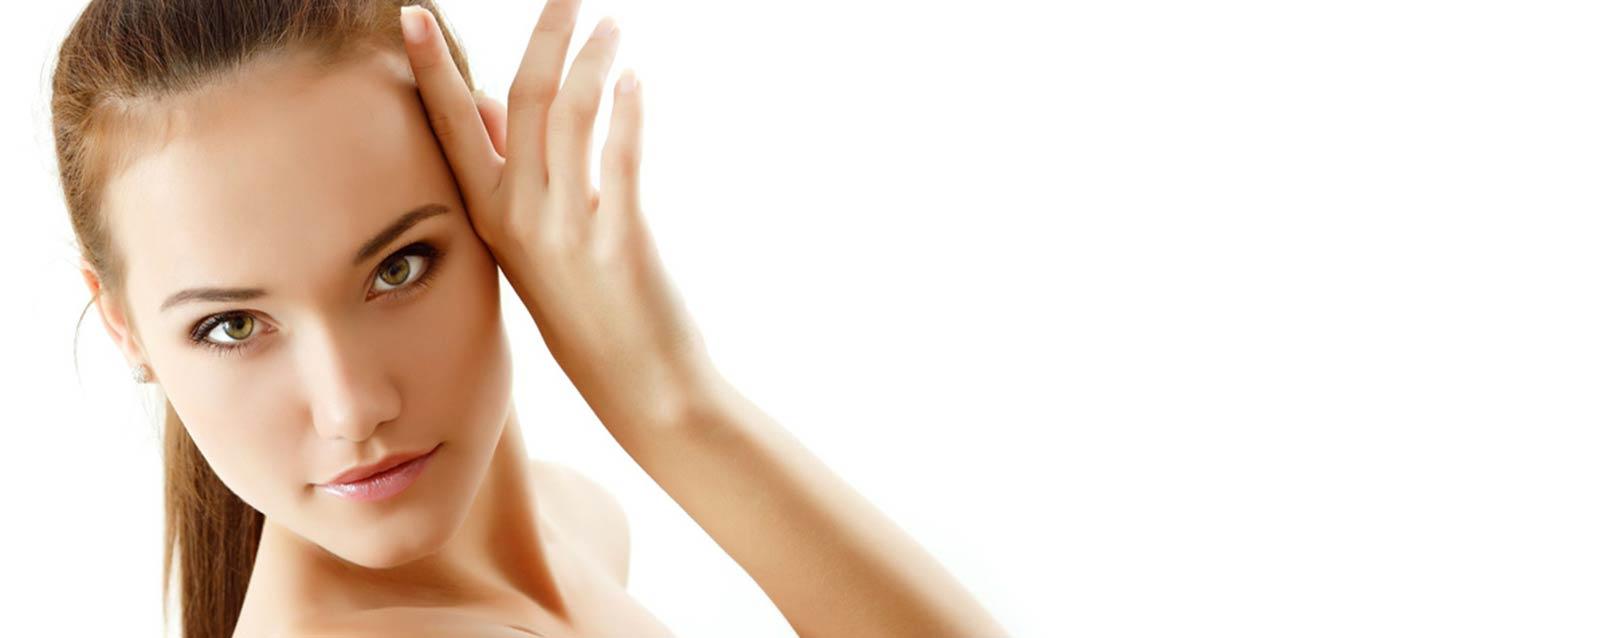 Protocolo: Microagulhamento Facial Programa Firmeza e Luminosidade